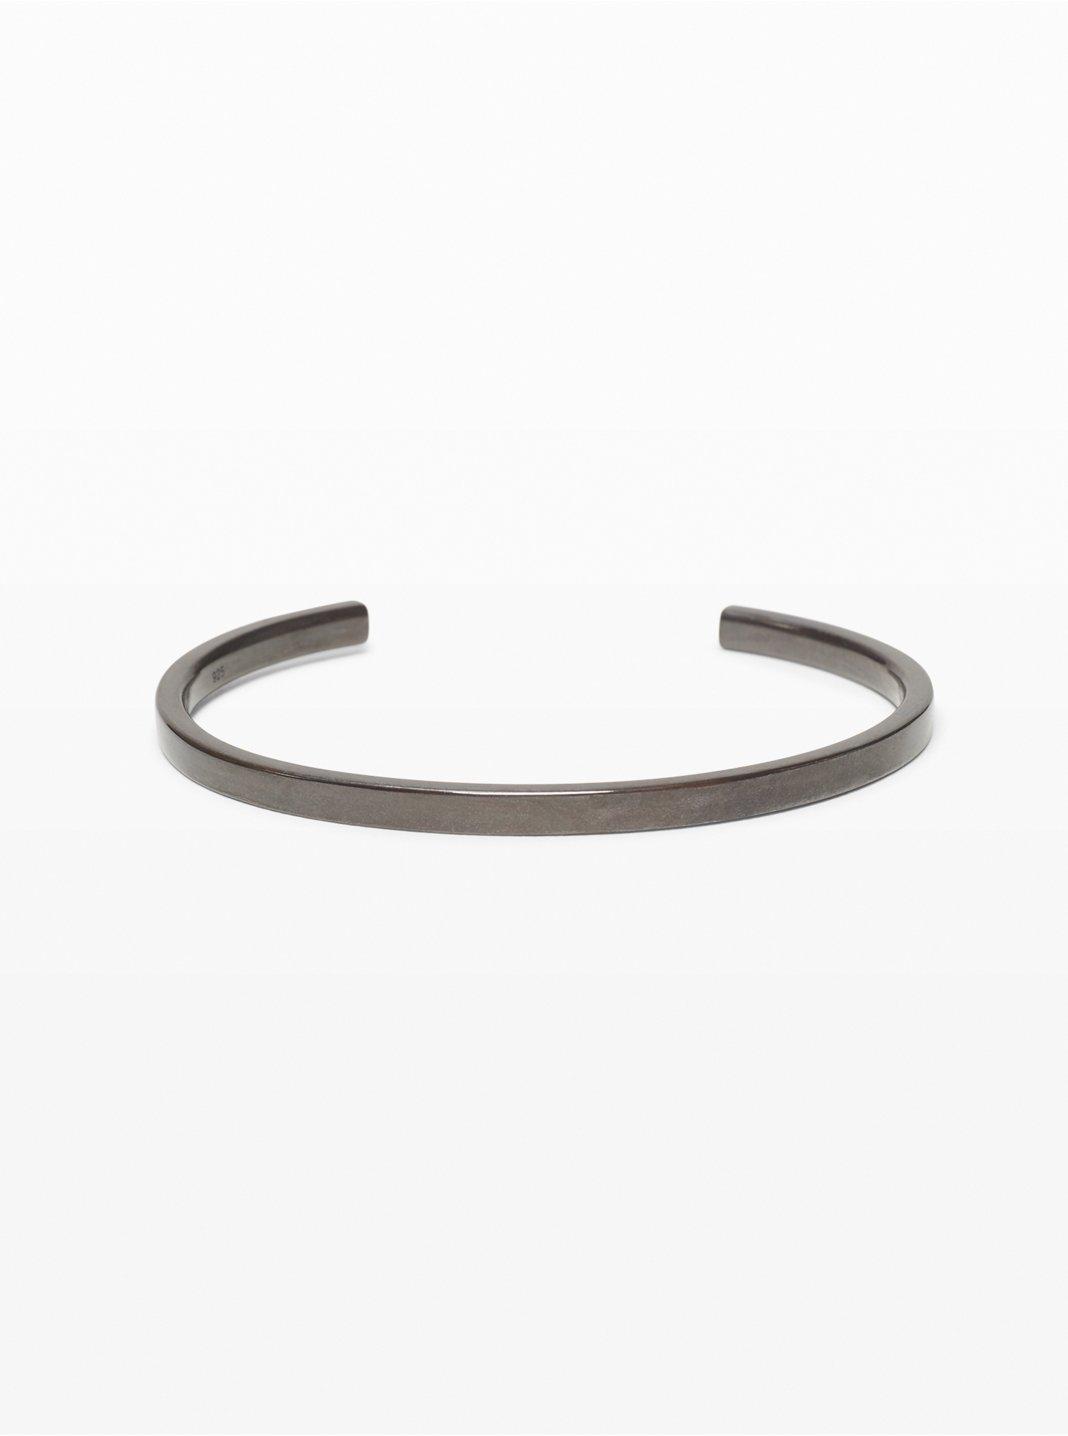 Nikolai Rose Bar Cuff Bracelet